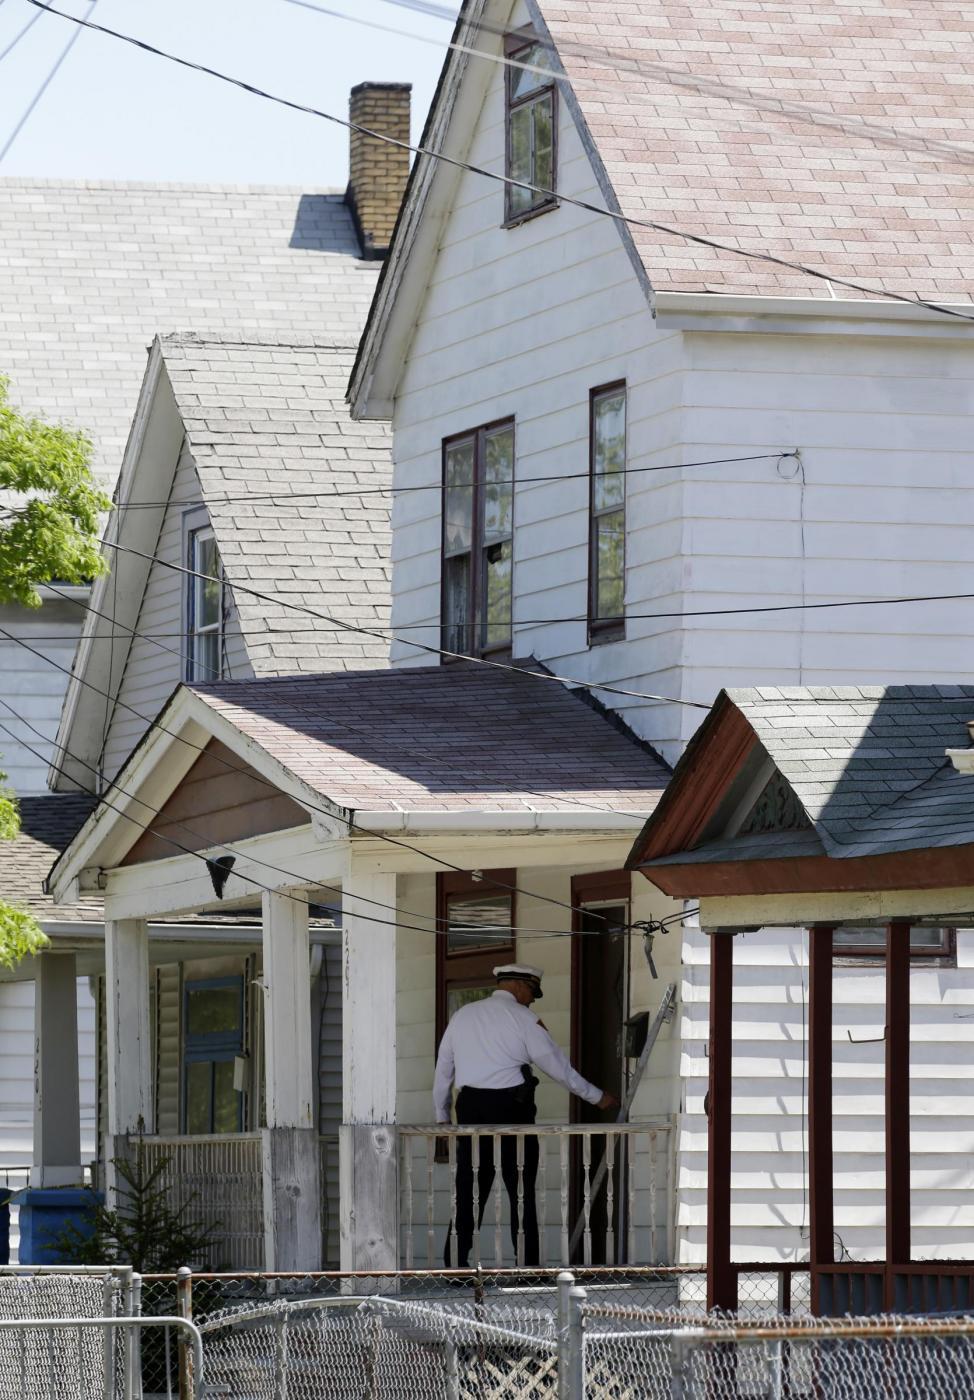 Le foto della casa degli orrori di cleveland foto 5 di 8 for Planimetrie della casa di gambrel